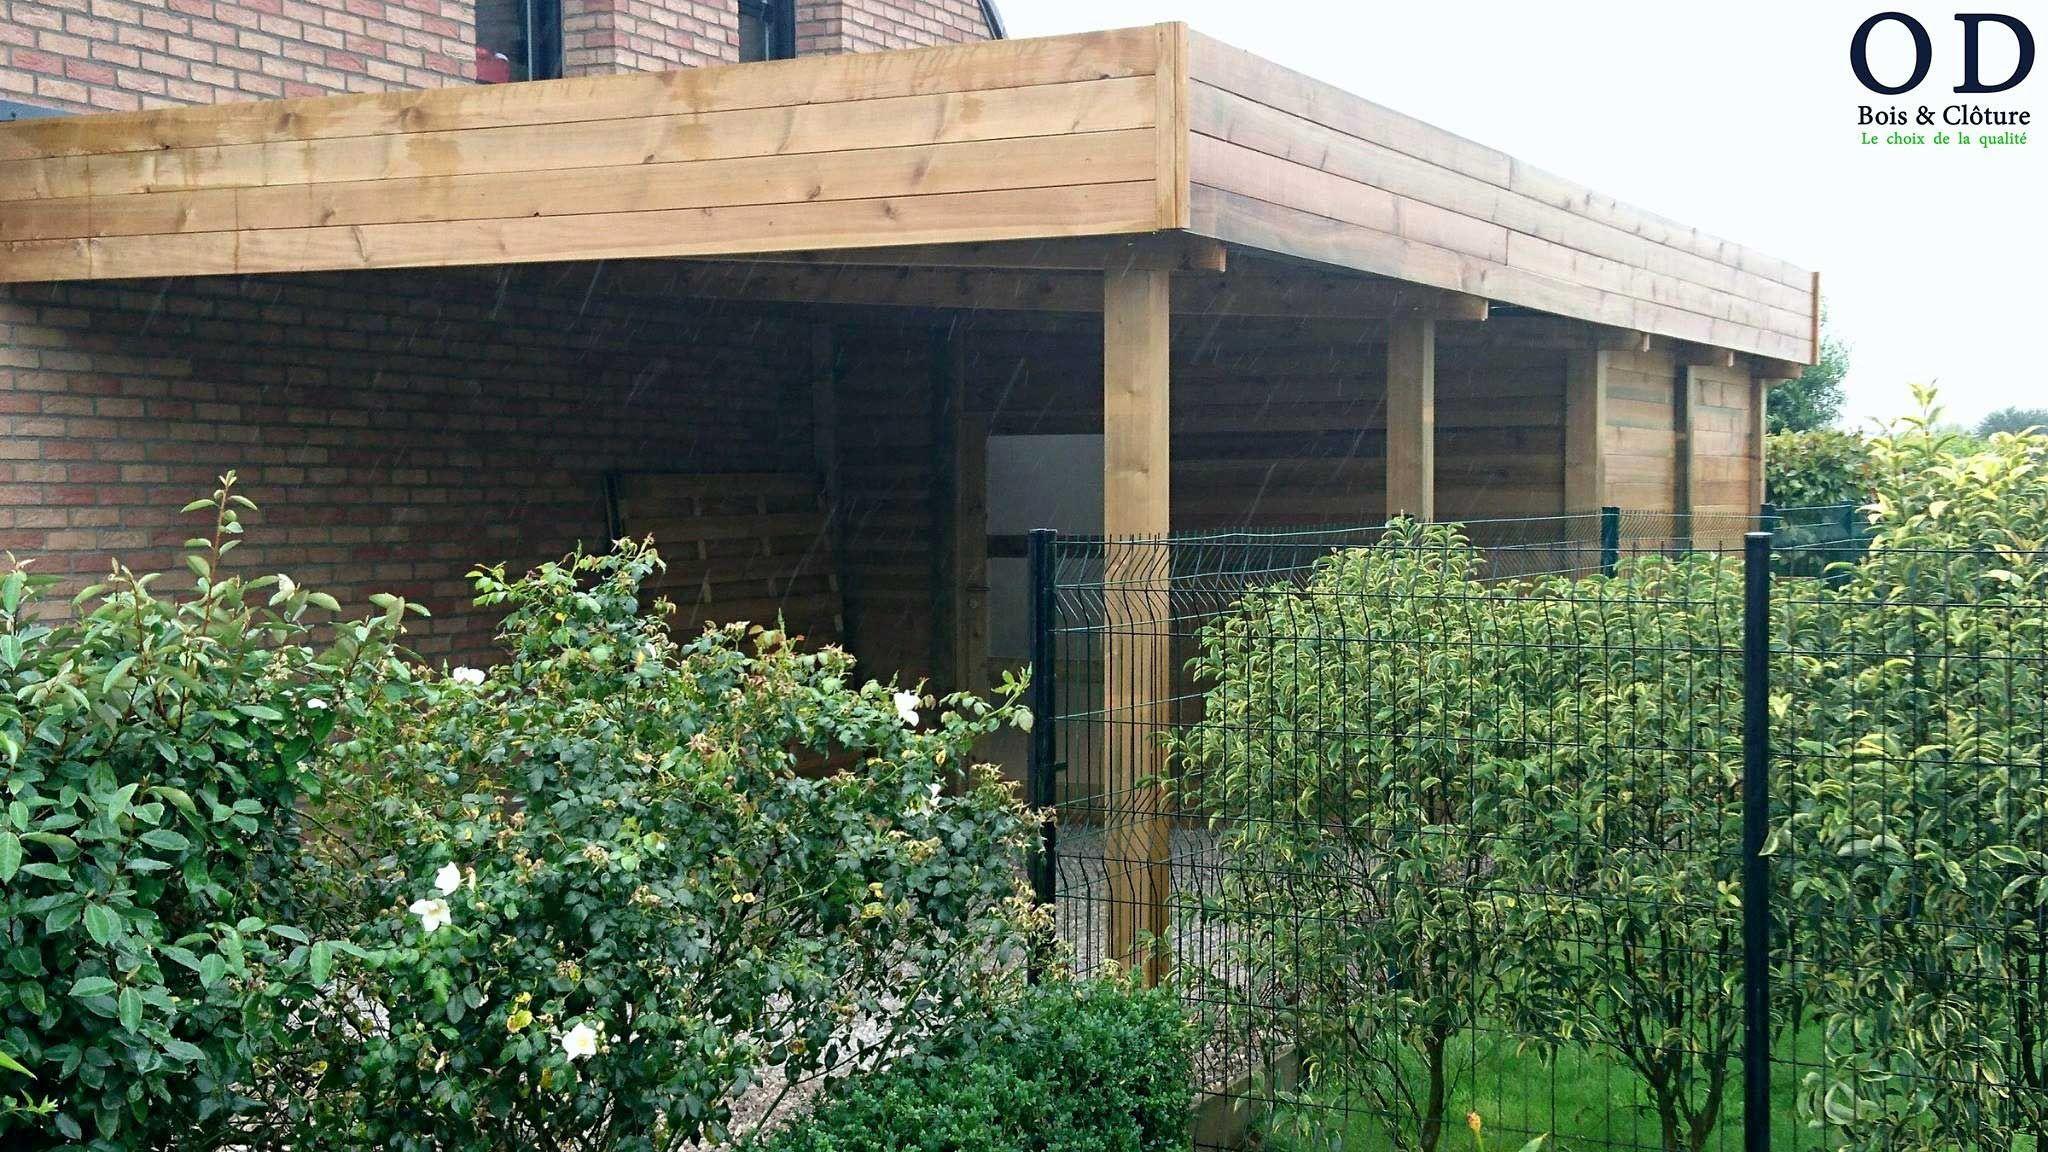 Construire Terrasse Bois Sur Parpaing Inspirant Construction Parpaing Jenniferdouglasliterarypublici En 2020 Cabane Jardin Abri De Jardin Cabane De Jardin Bois